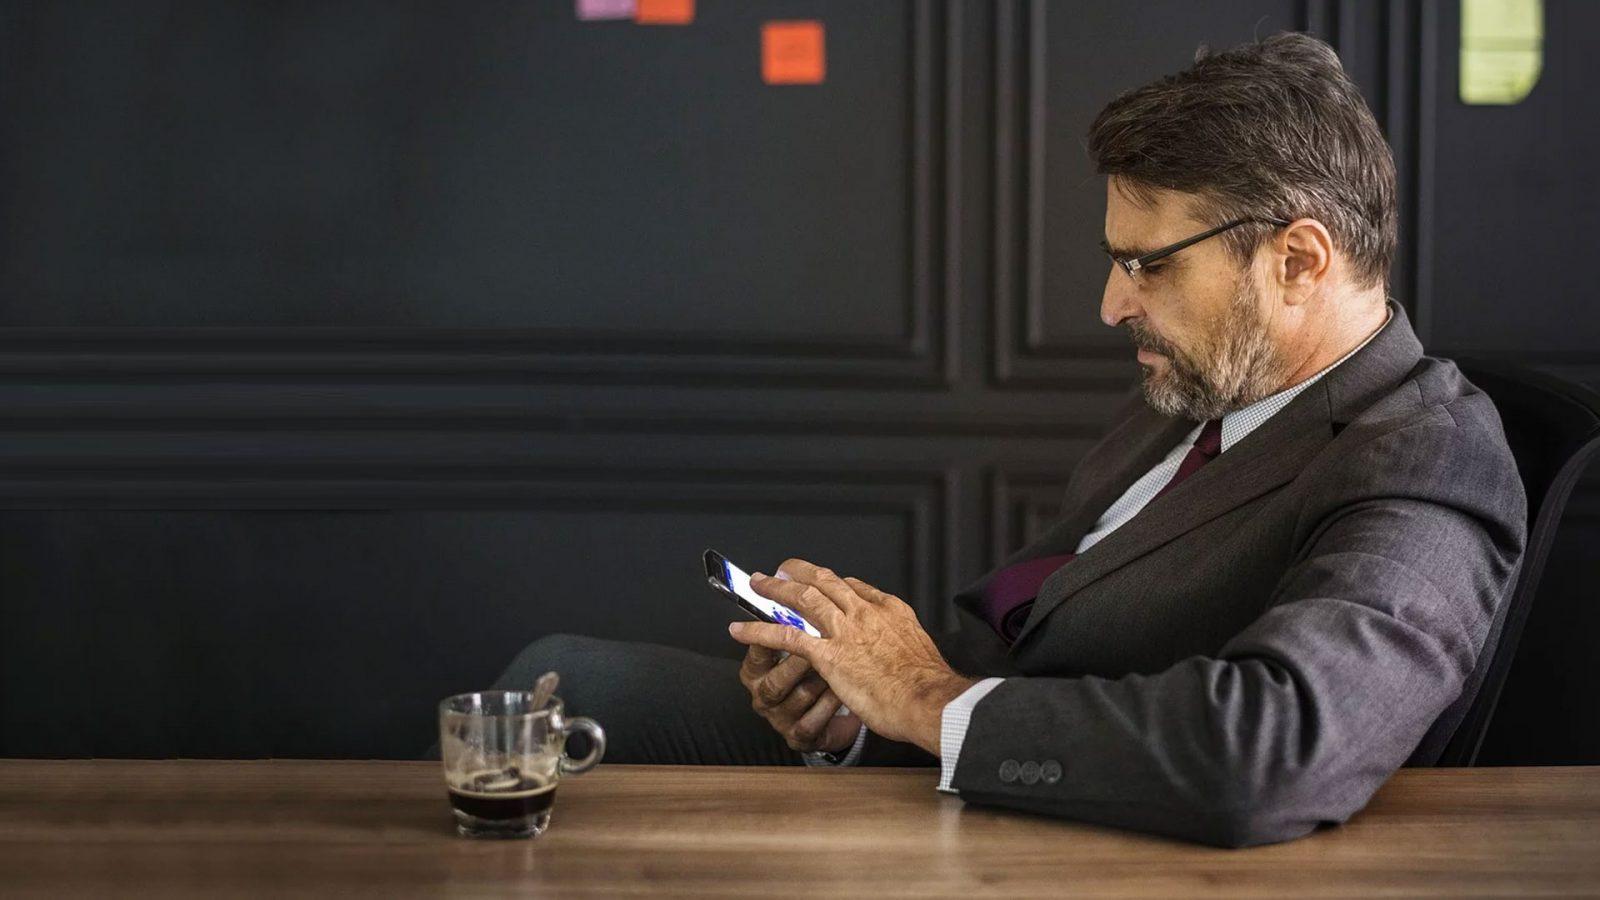 homme regardant son téléphone portable